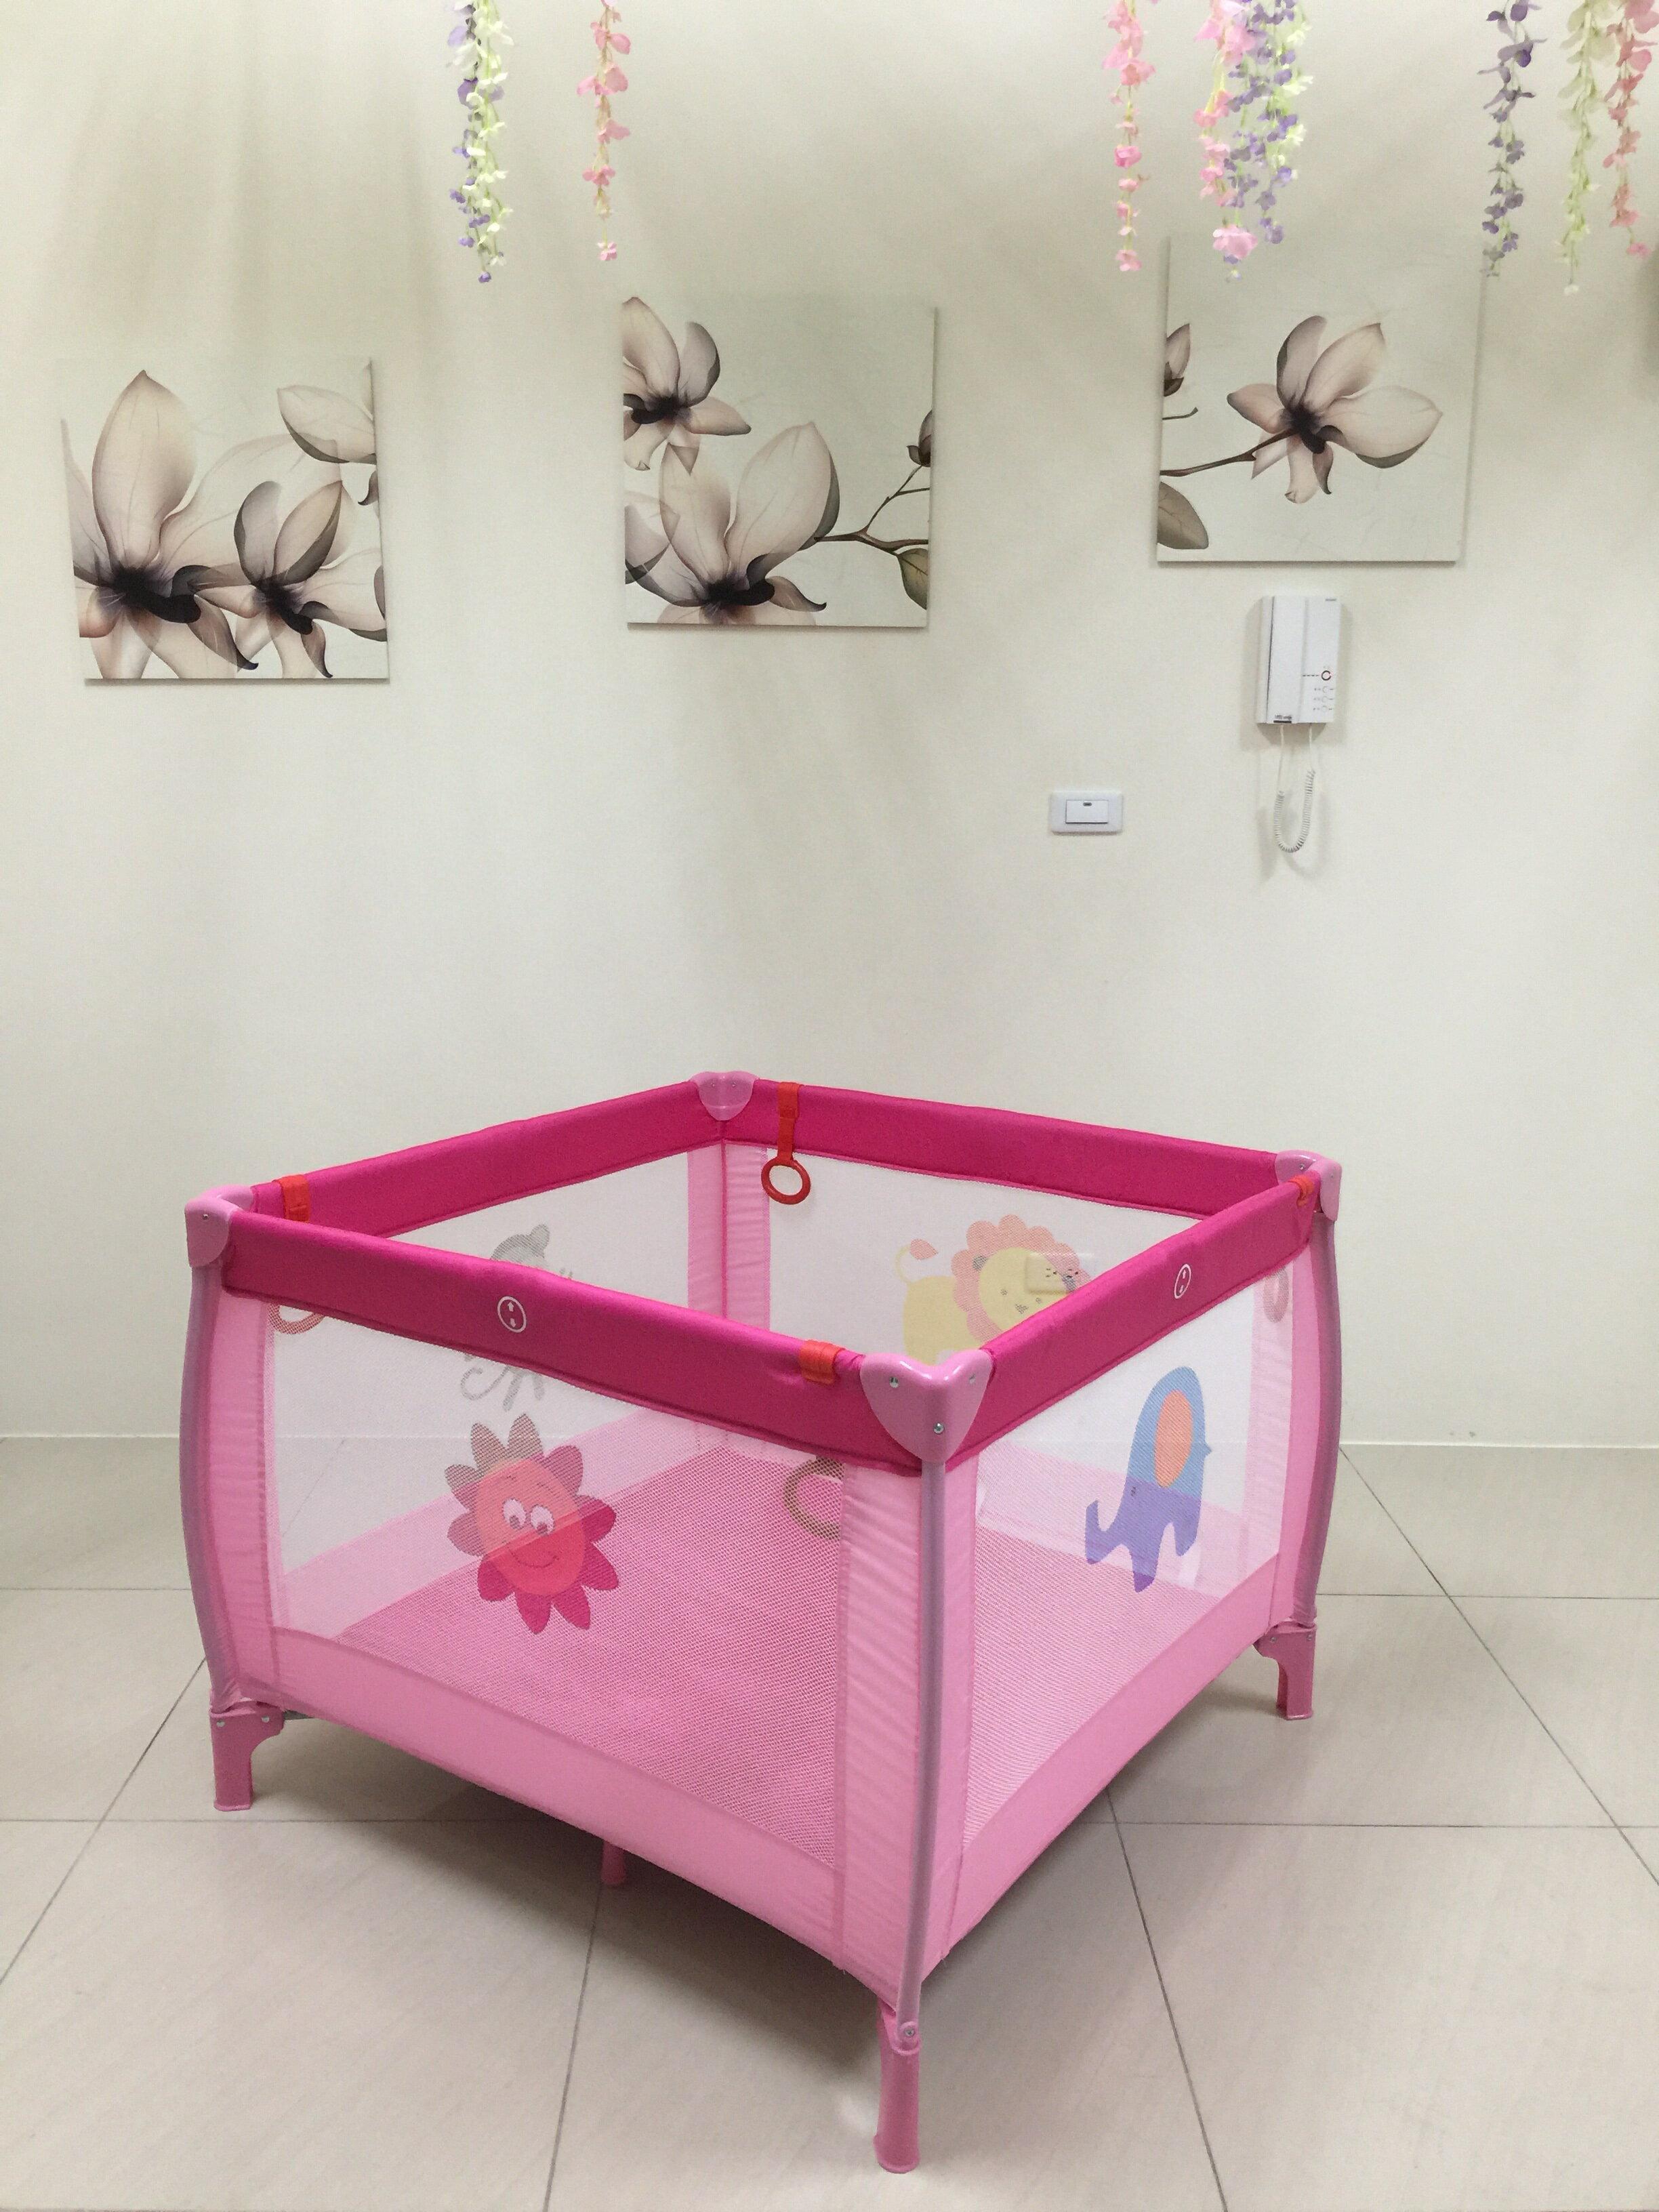 加大正方形遊戲床 嬰兒床 摺疊床 護欄 圍欄 附床墊